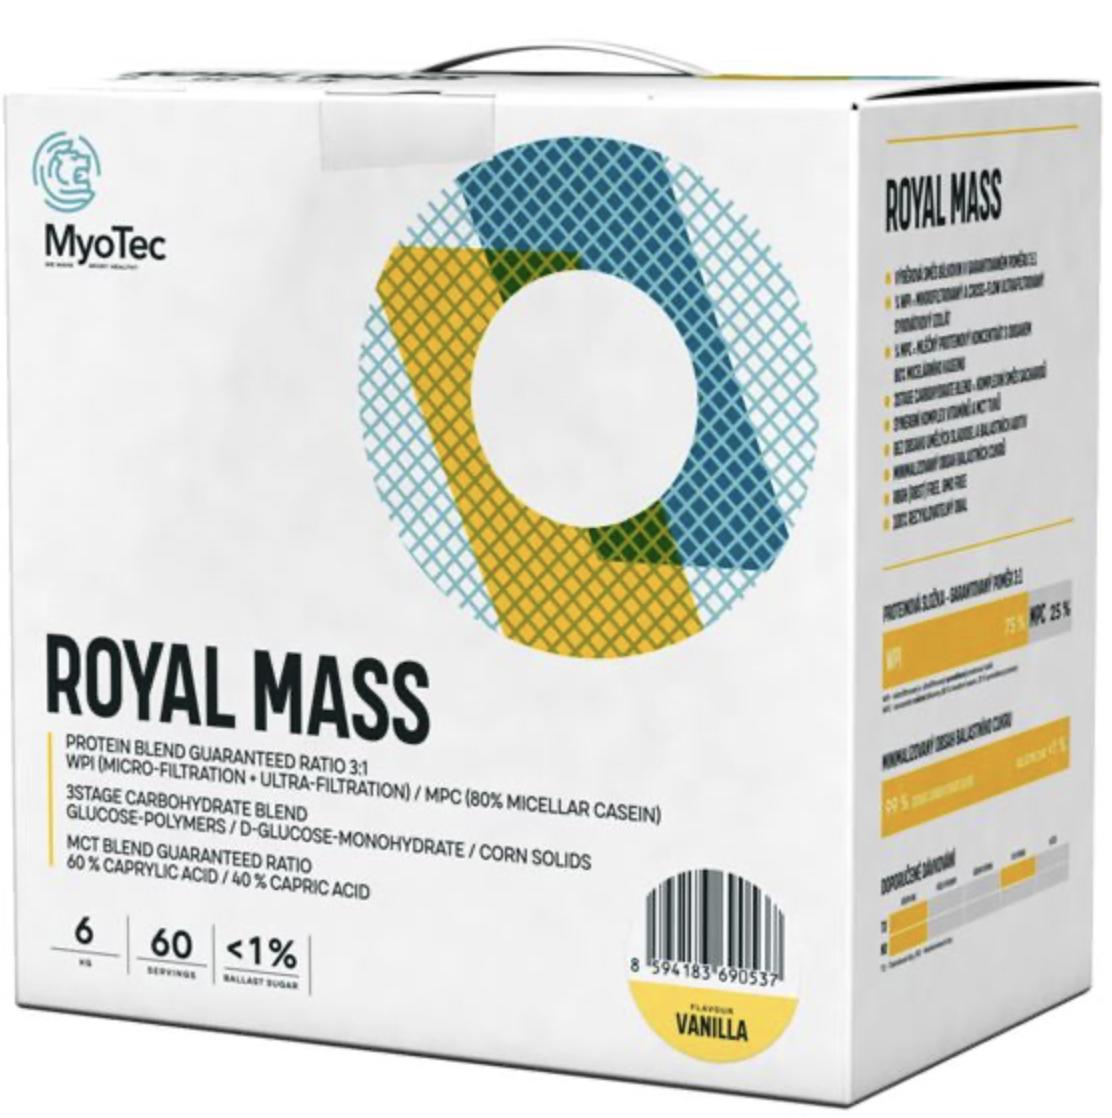 Myotec Royal Mass 6000g Příchuť: Vanilka